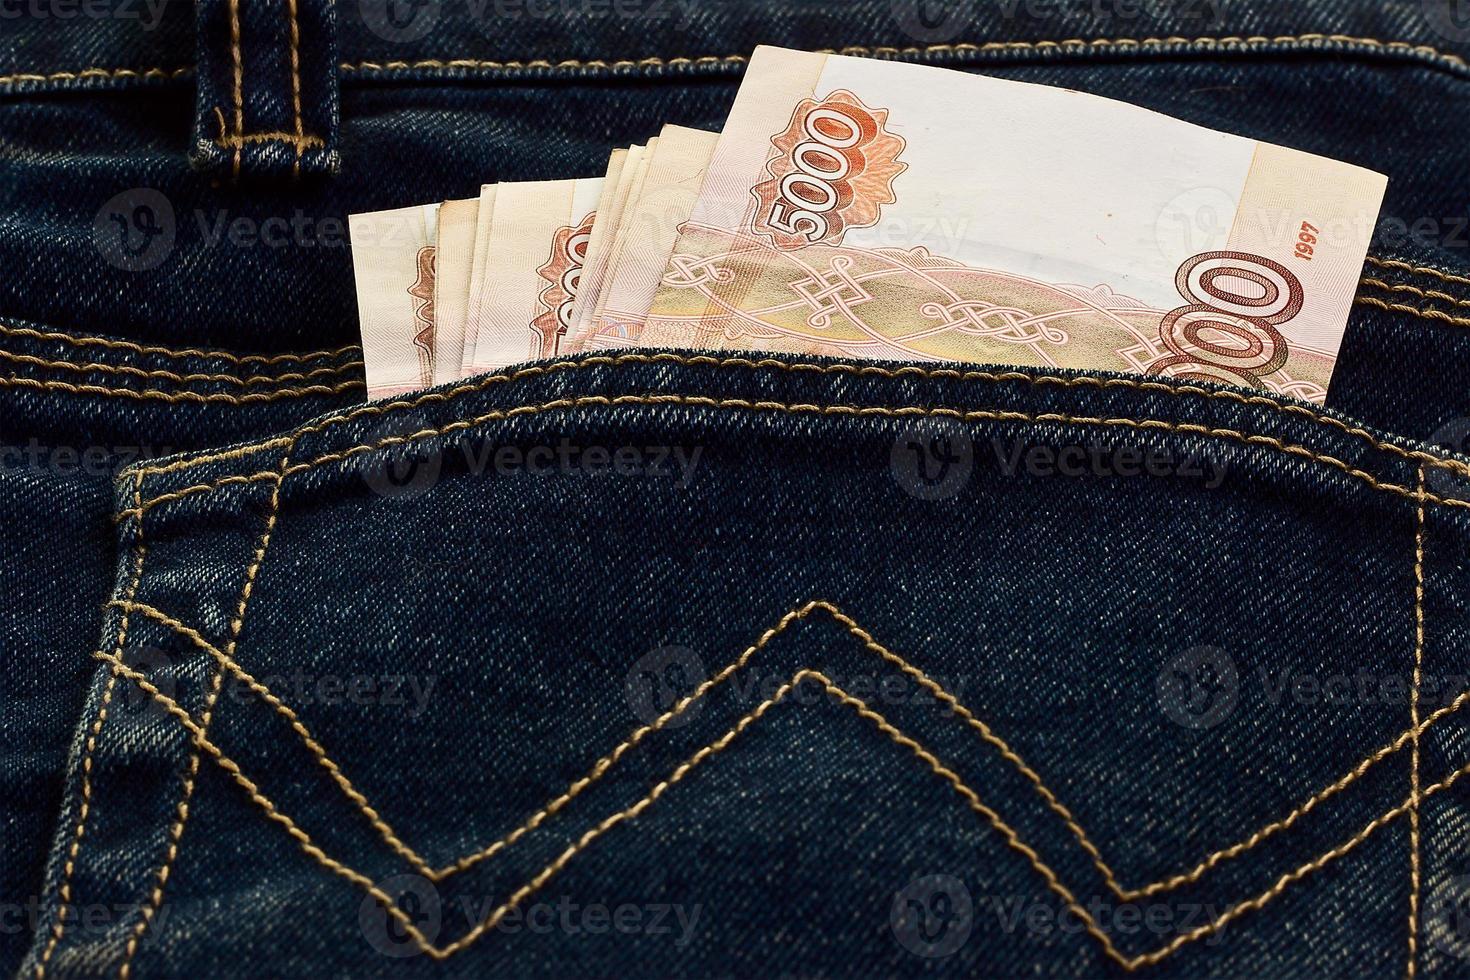 ryska pengar i fickan på jeans foto